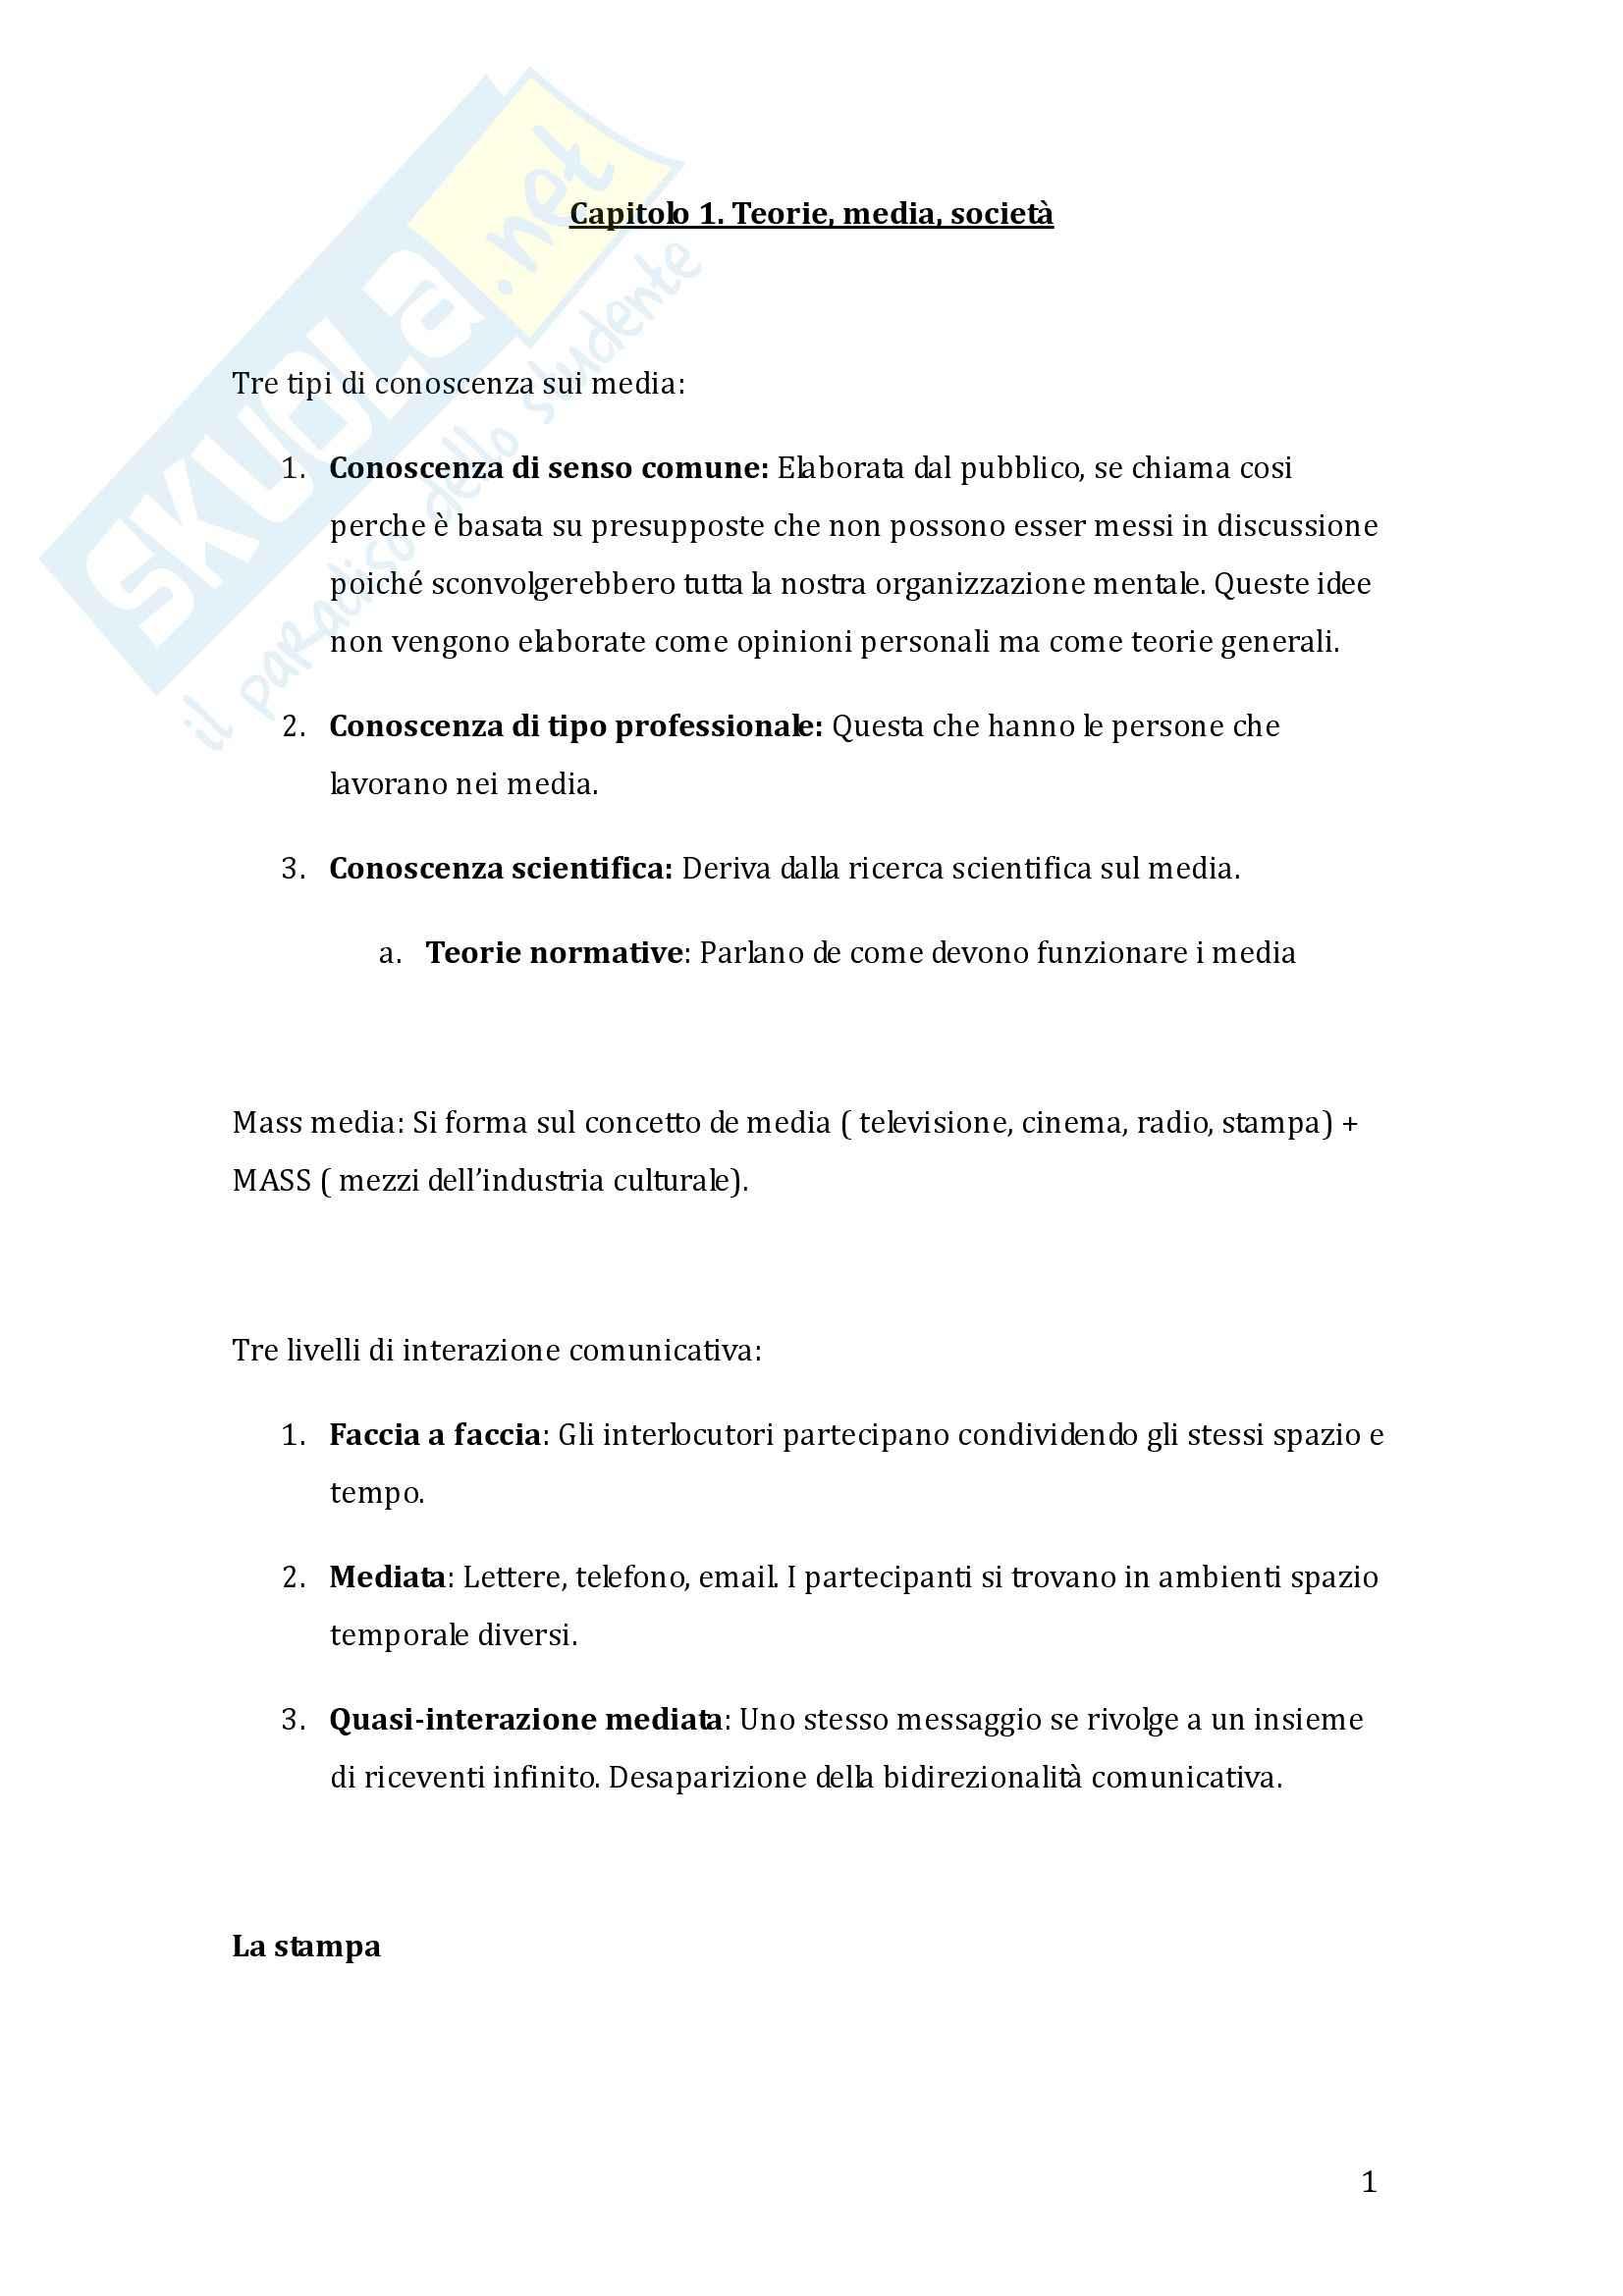 Riassunto esame Teoria e Tecniche delle Comunicazione di massa, prof. Rizza, libro consigliato Teoria dei media, Boni